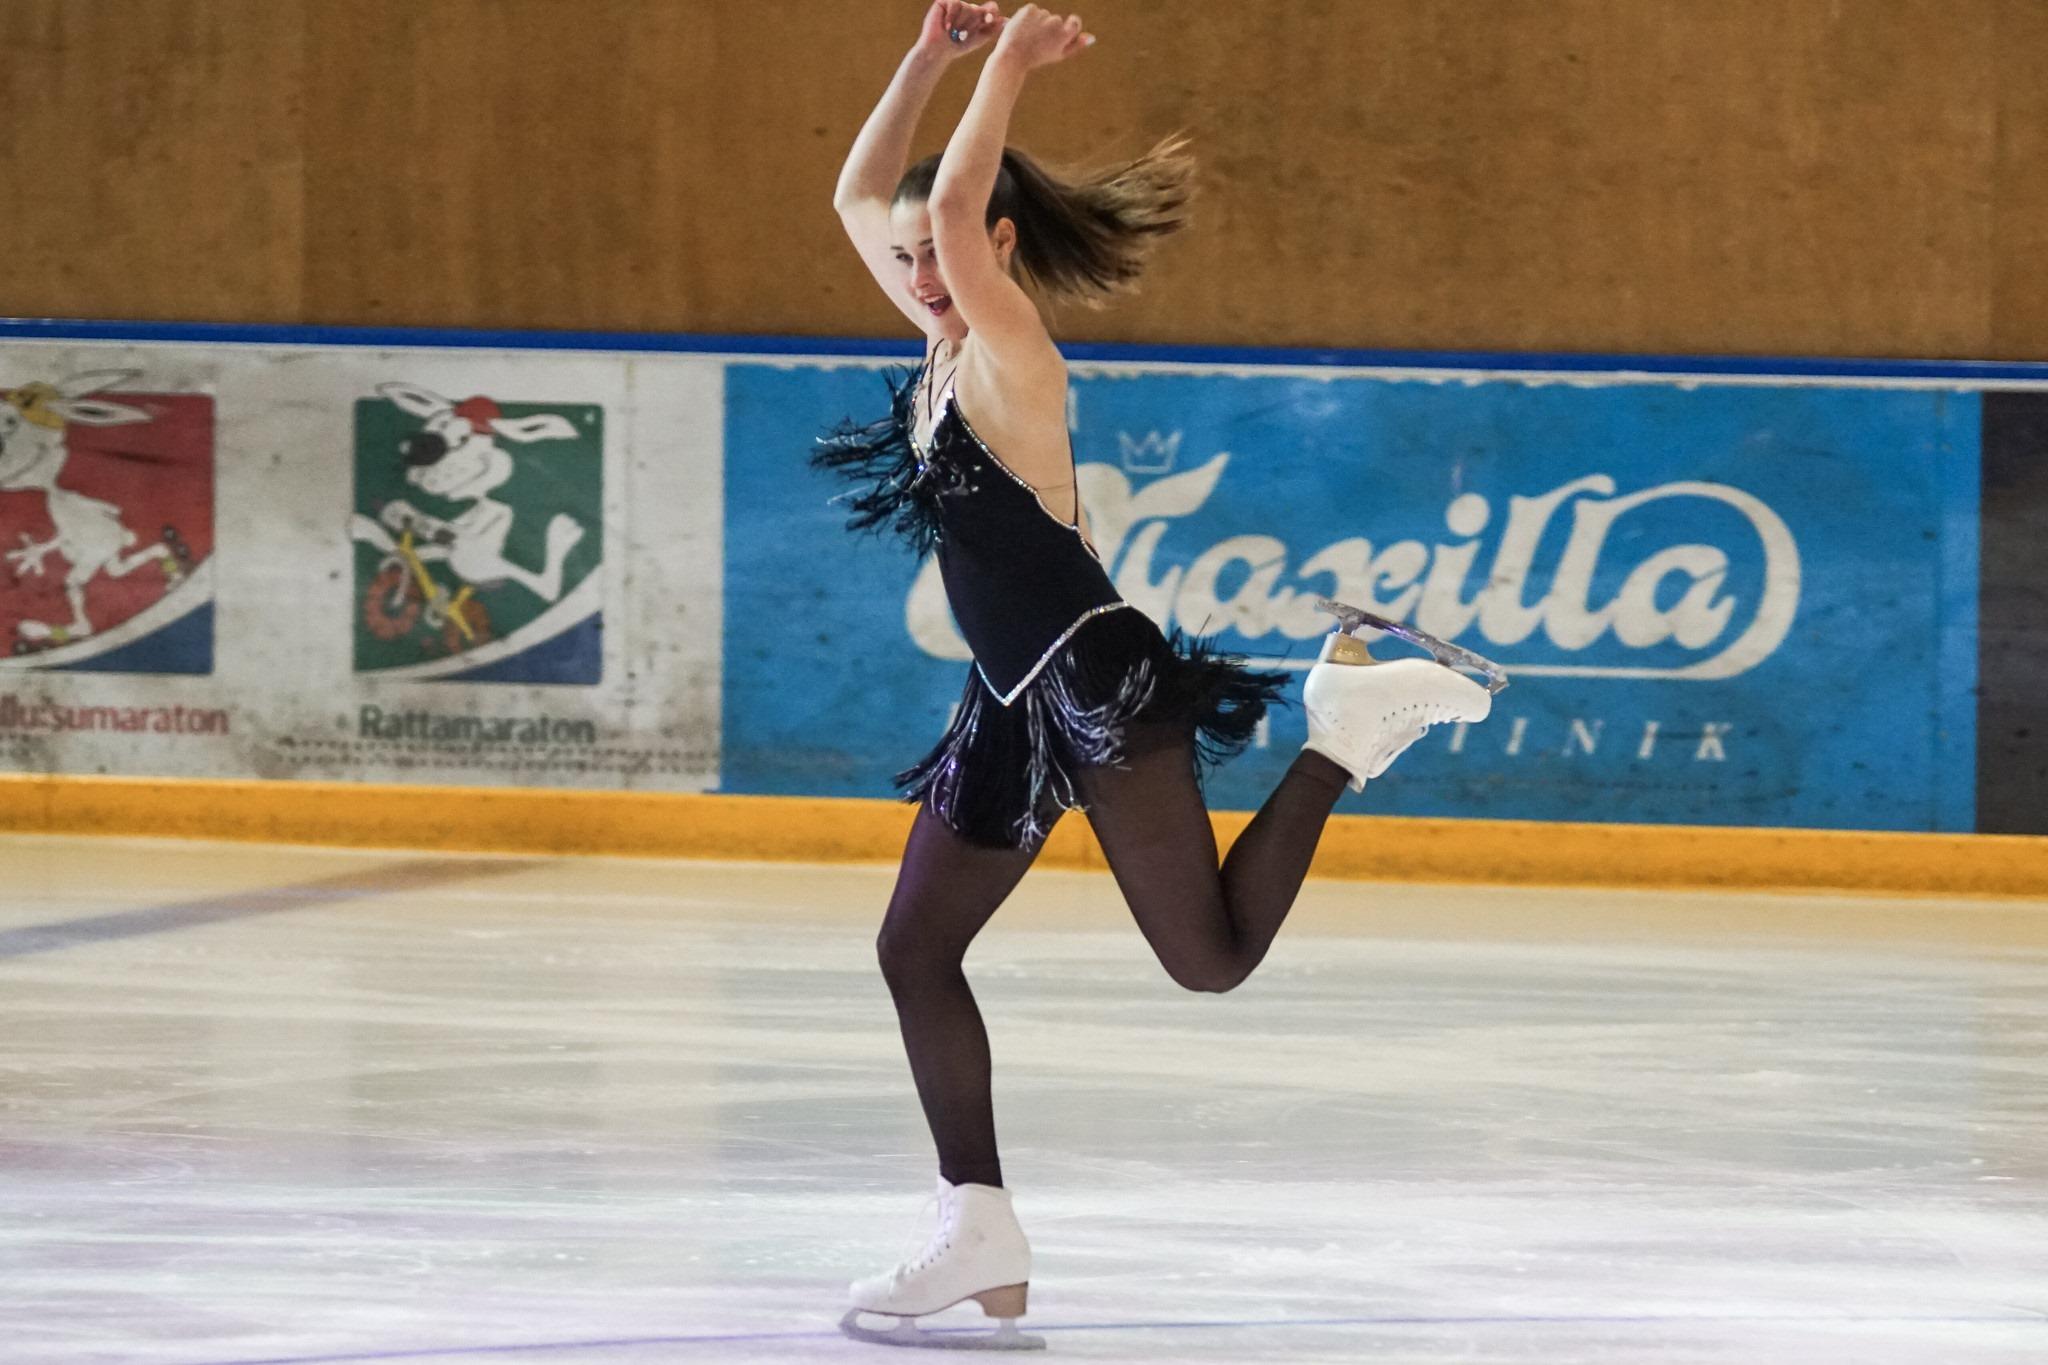 Группа Мишина - СДЮСШОР «Звёздный лёд» (Санкт-Петербург) - Страница 41 EhWFKsevRIc